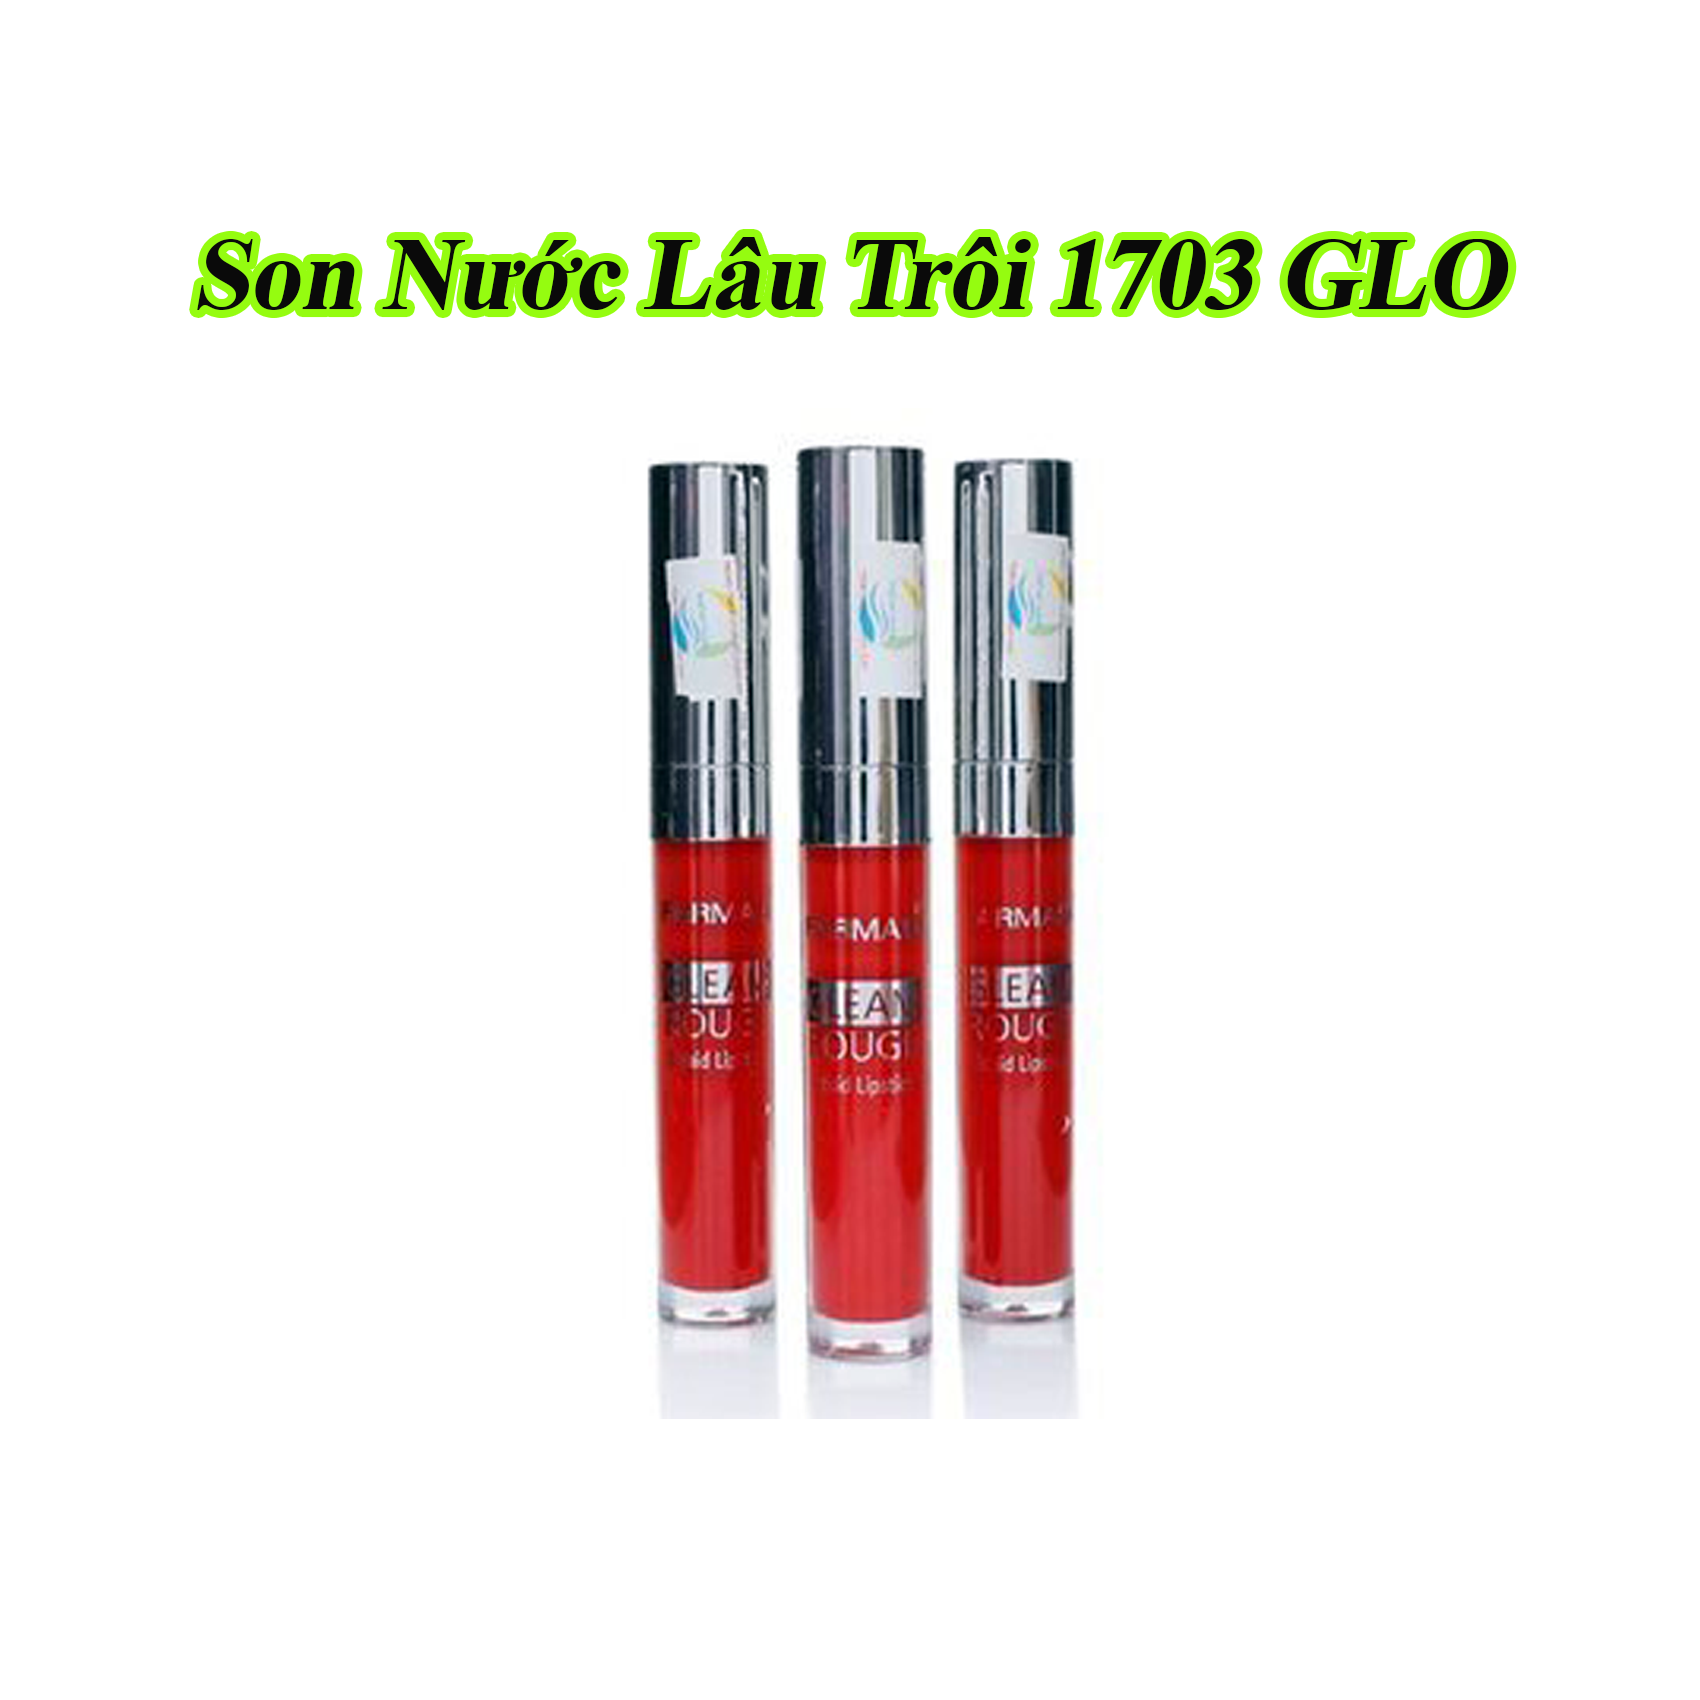 son-moi-son-nuoc-lau-troi-1703glo-849